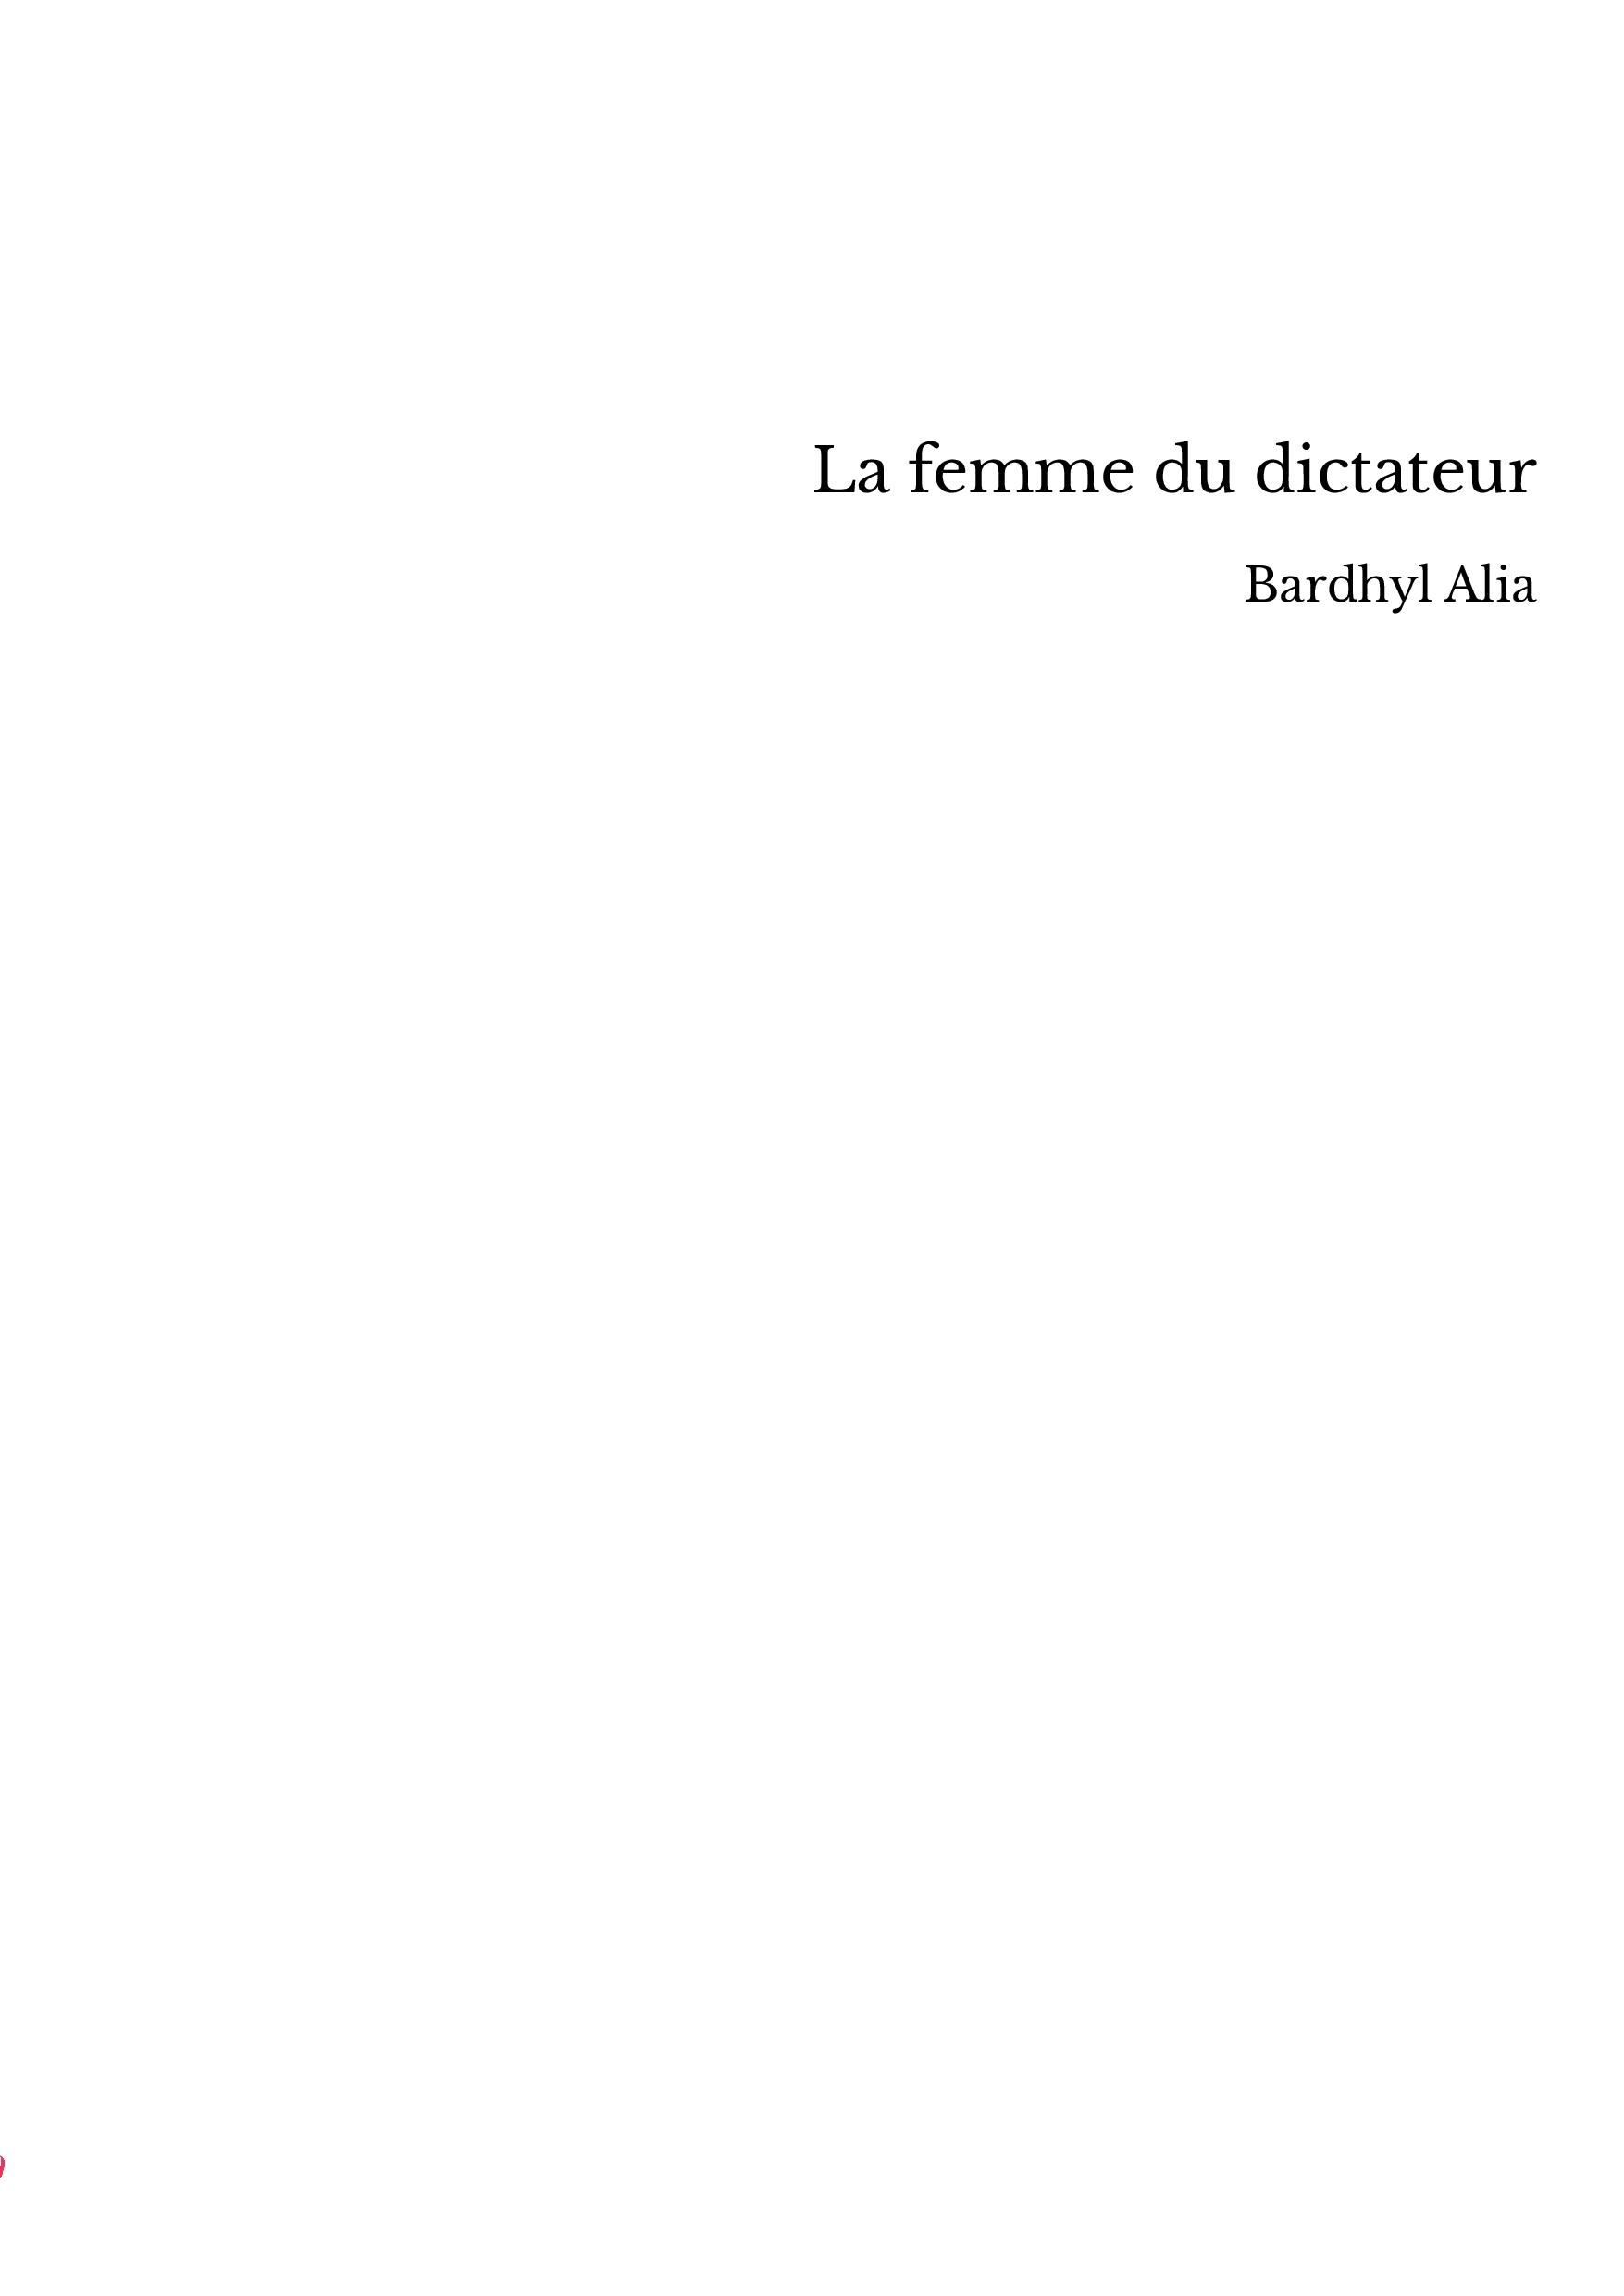 La femme du dictateur